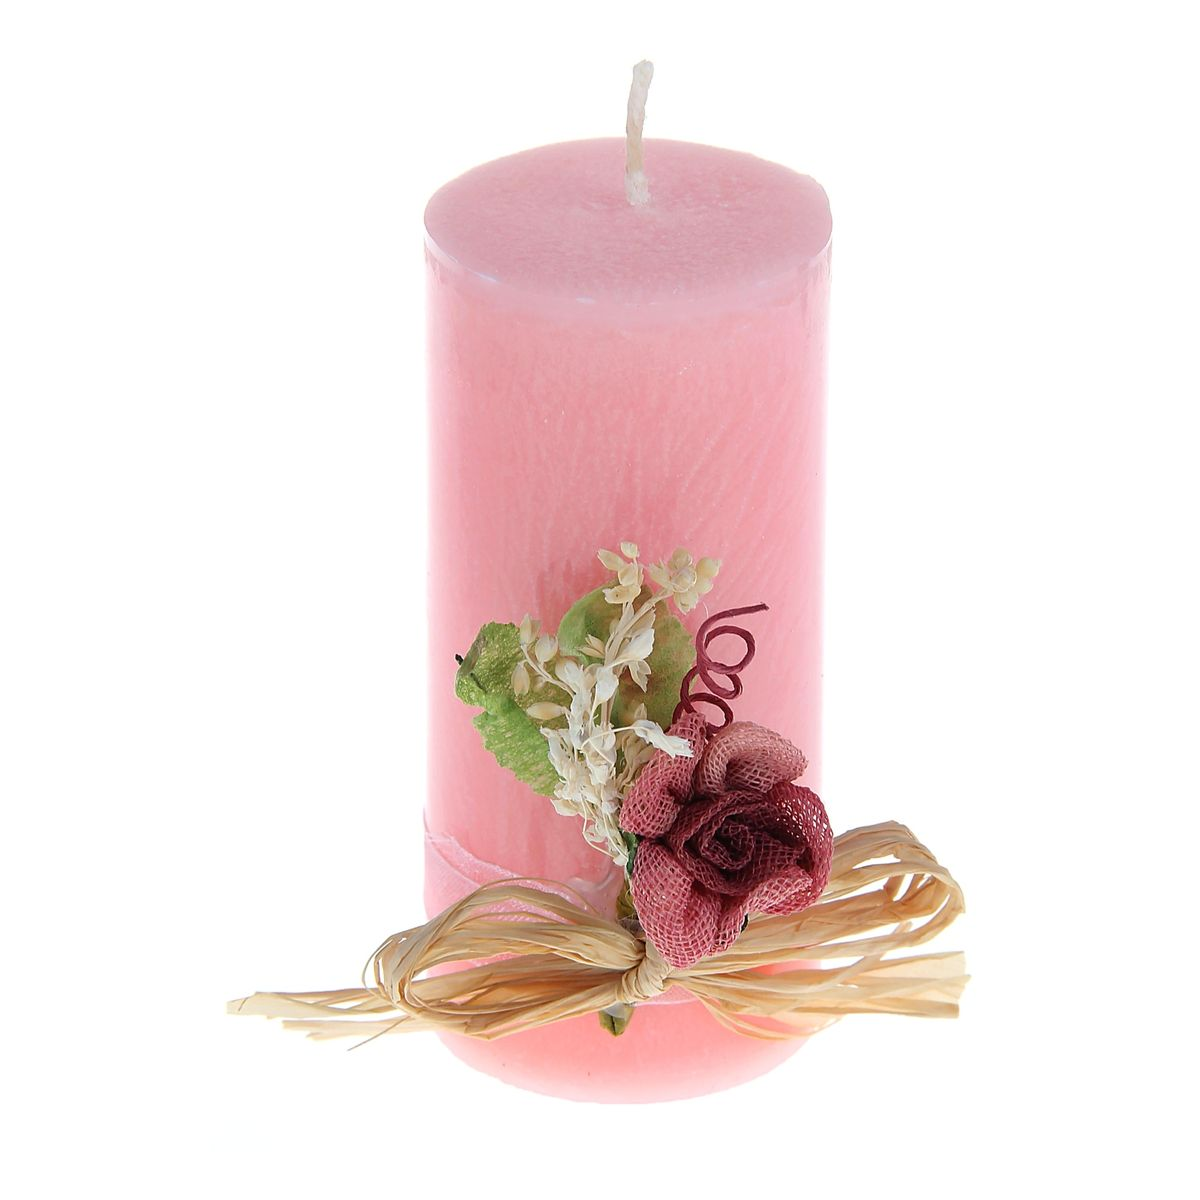 Свеча декоративная Sima-land Цветок, цвет: розовый, высота 10,5 смFE0102Декоративная свеча Sima-land Цветок изготовлена из воска и оформлена декоративной цветочной композицией. Такая свеча может стать отличным подарком или дополнить интерьер вашей комнаты.